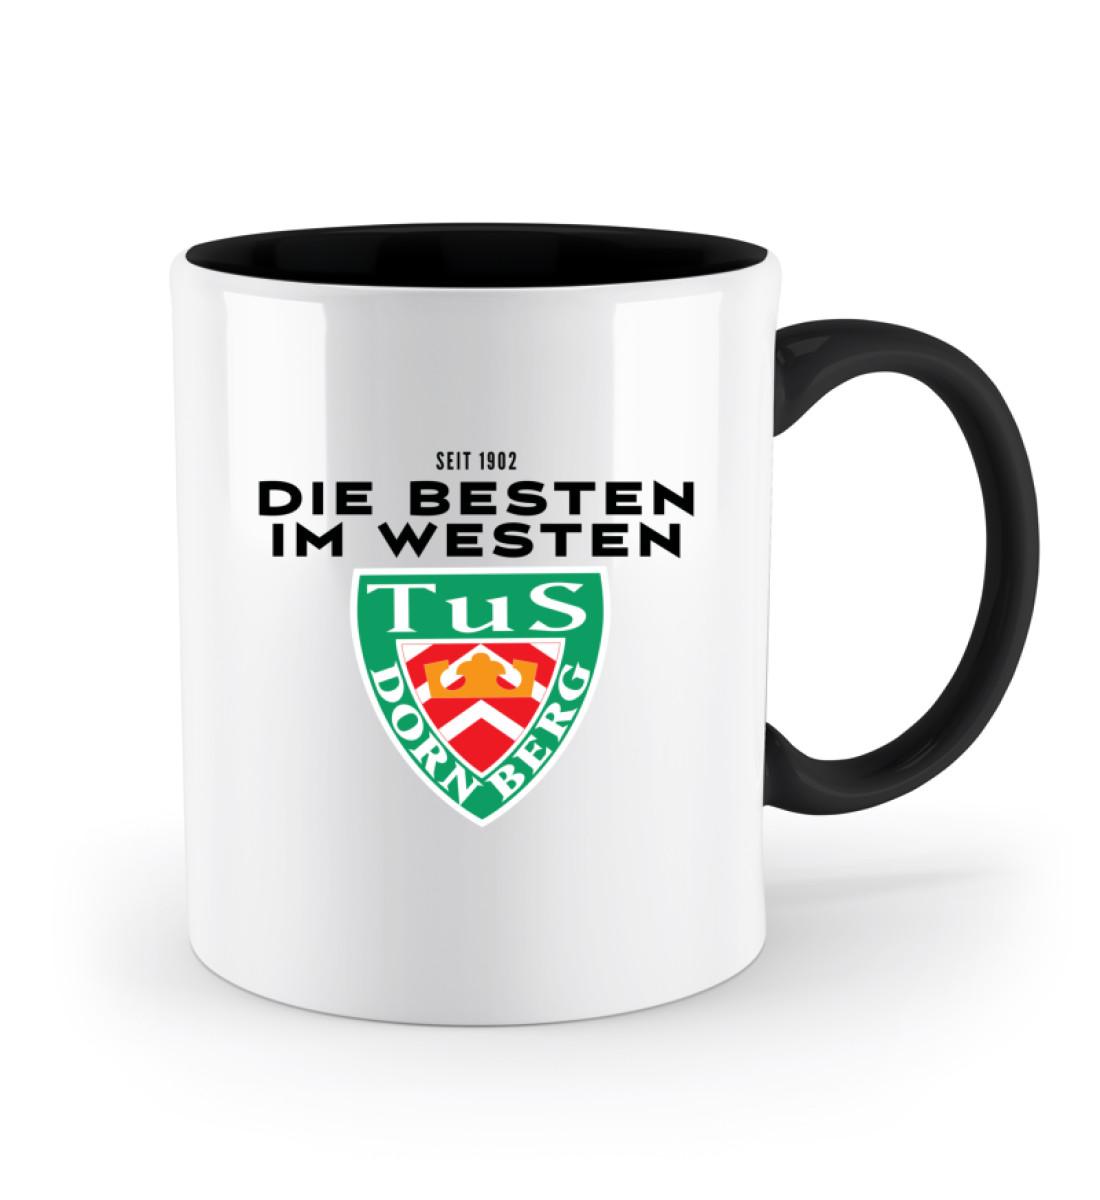 Die Besten im Westen - Zweifarbige Tasse-16